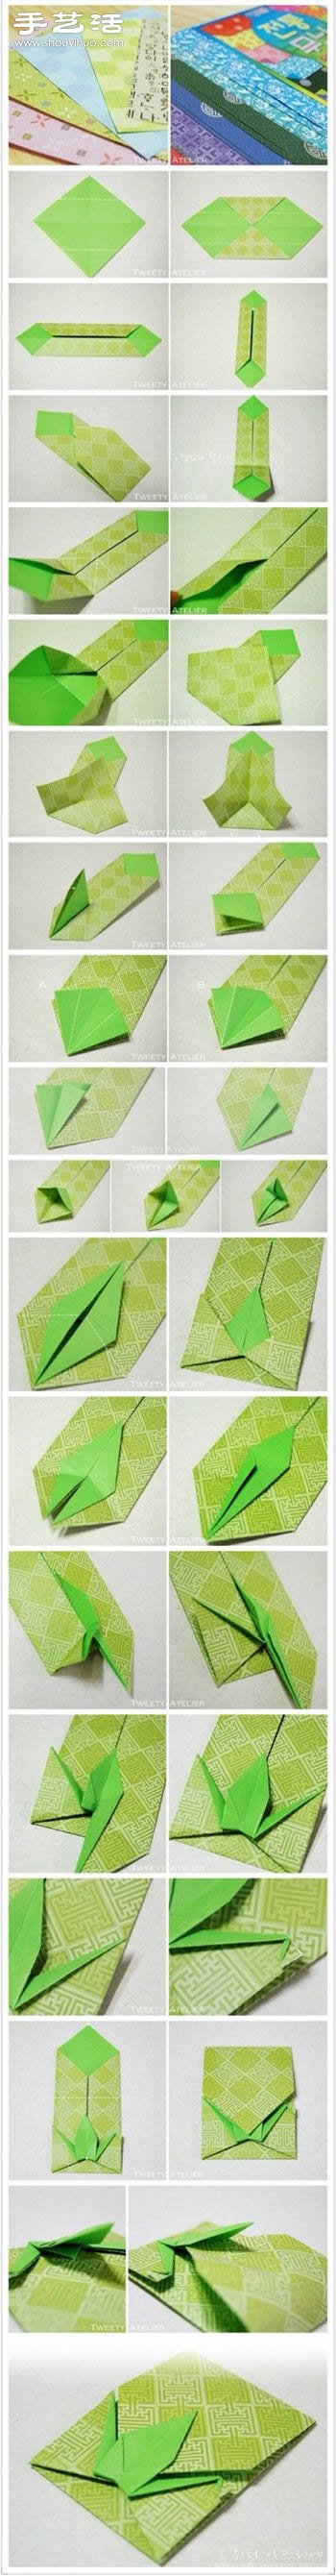 千纸鹤信封折纸图解与方法教程